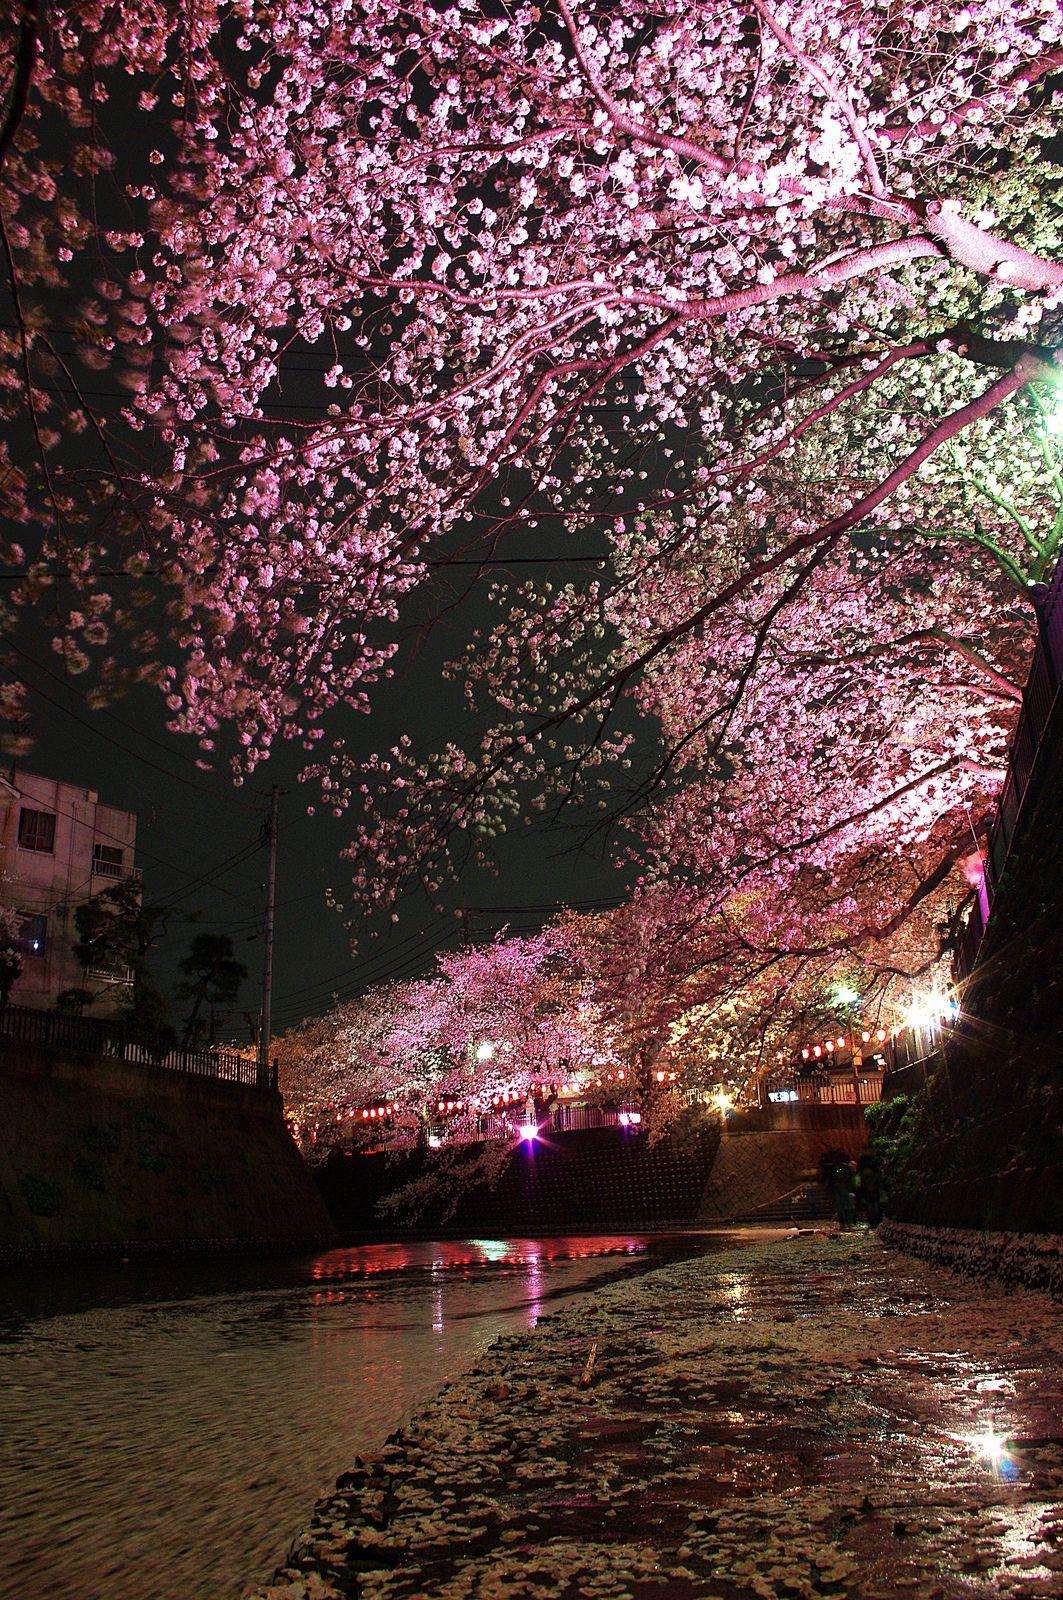 Fall Wallpaper Pintrest Gumyoji Night Sakura Awesome Nature Japan Sakura